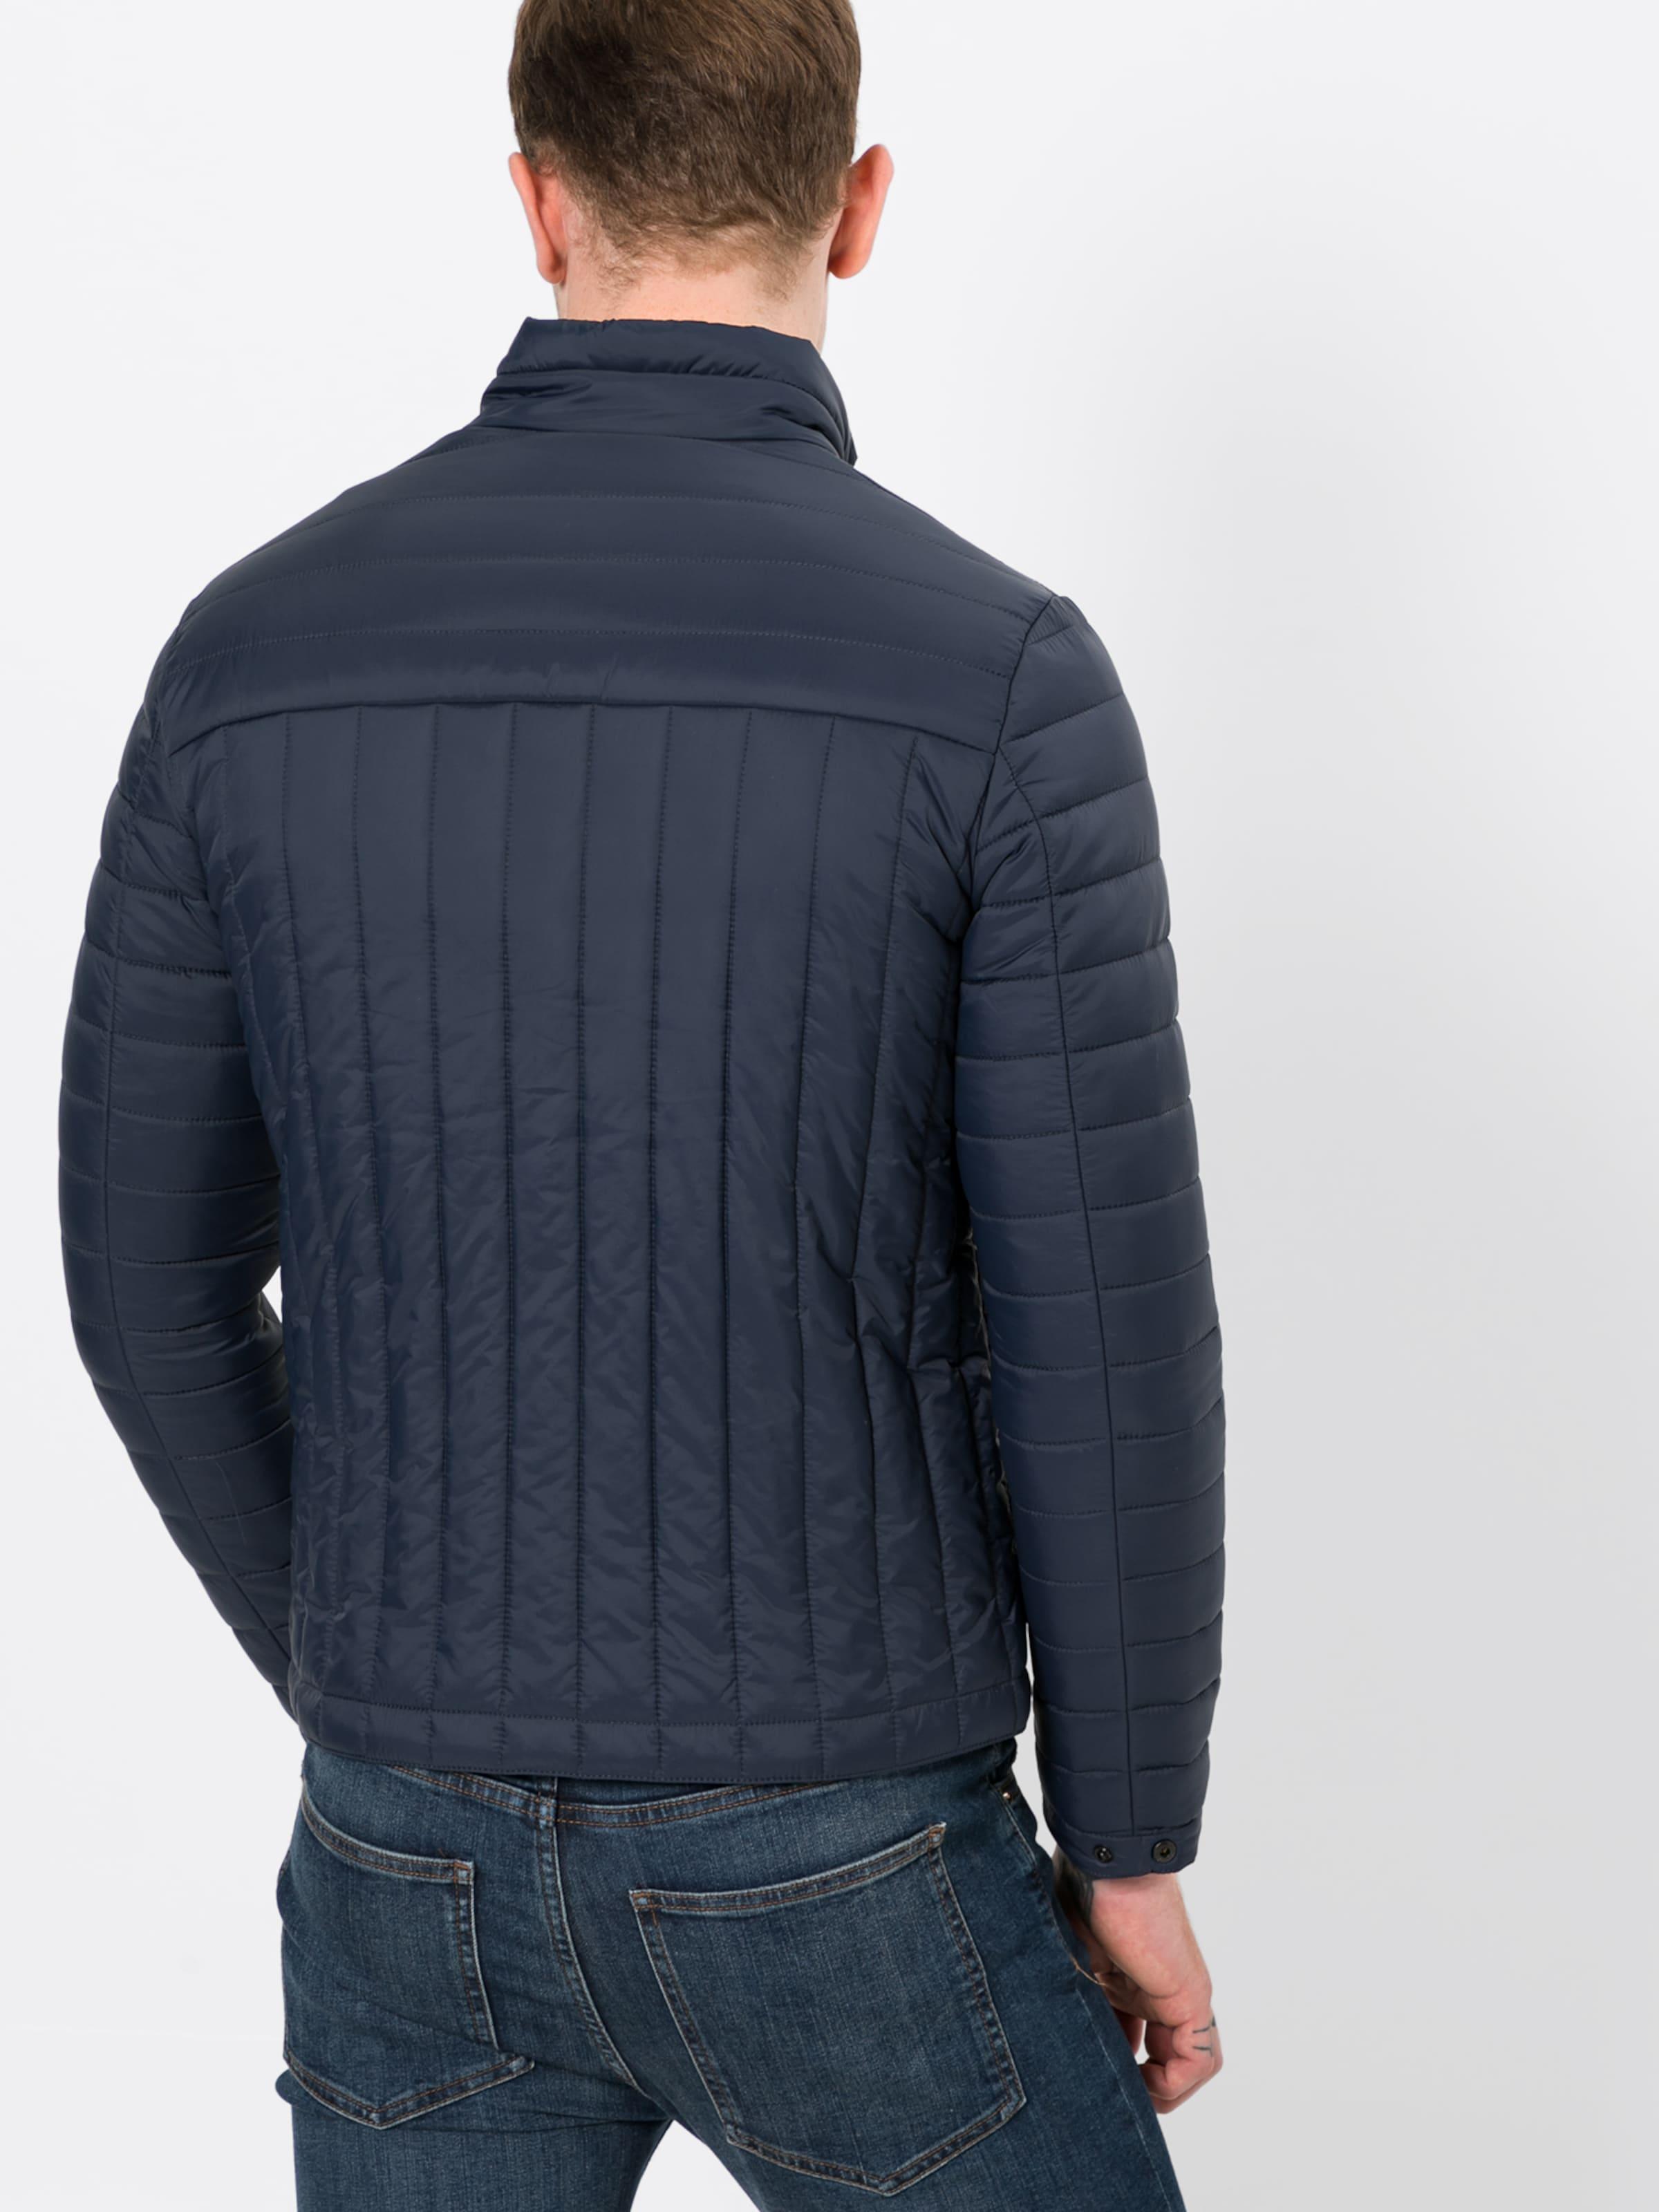 saison Bleu Mi Foncé Veste 'jacket' Replay En WeEHY9bD2I